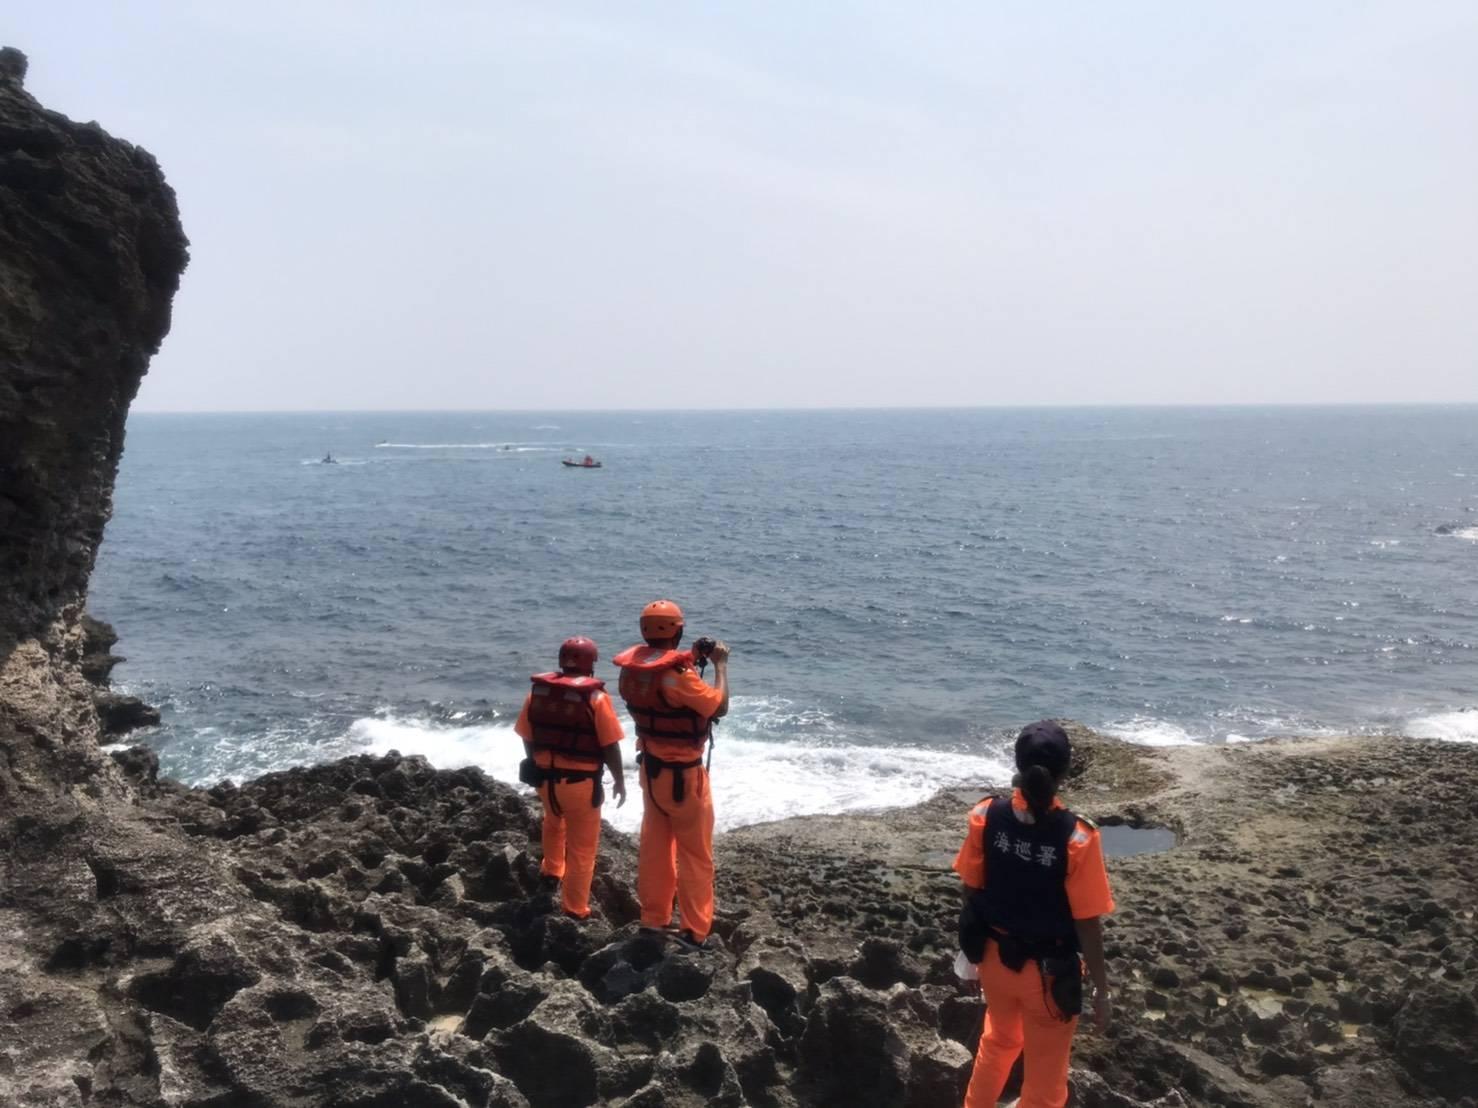 大陆游客在台潜水失踪:已扩大搜寻范围目前尚未找到_台湾